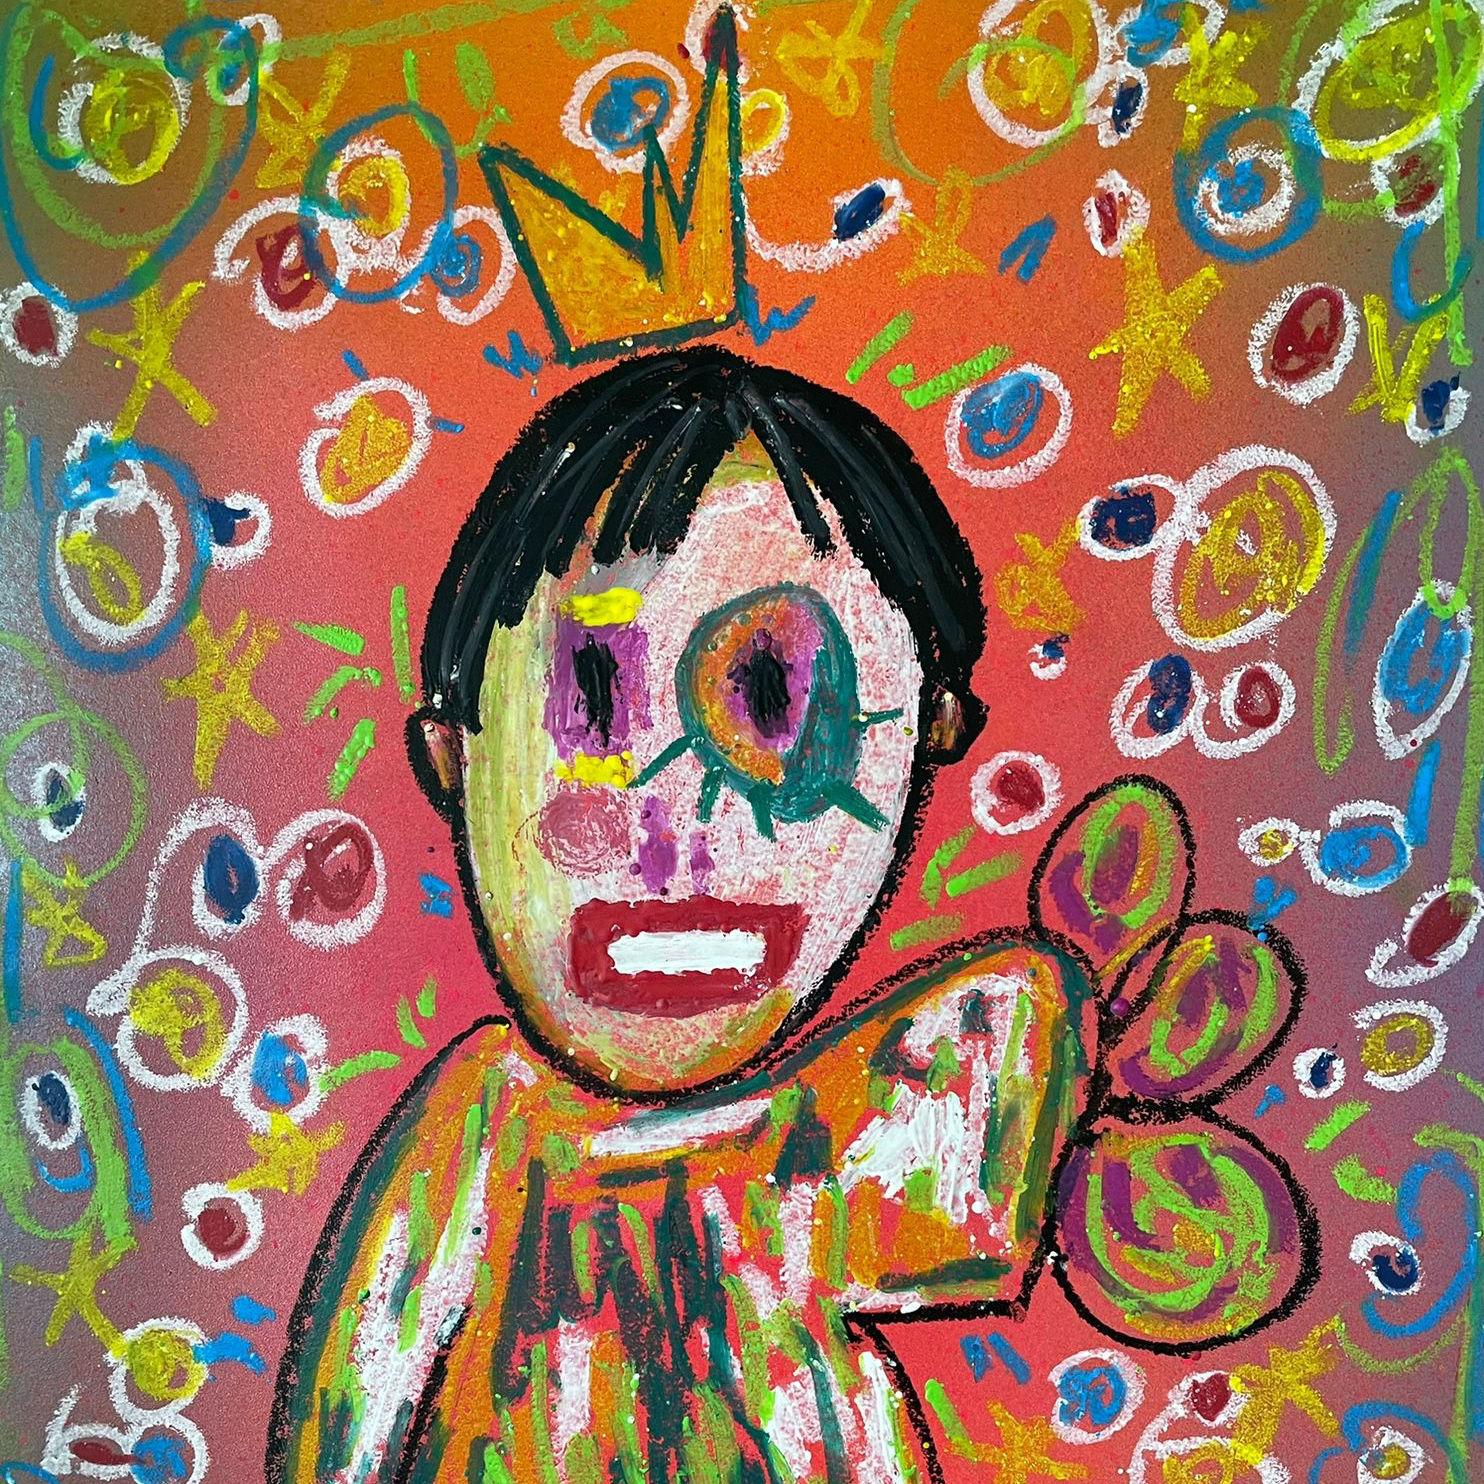 Immagine di Carta d'artista 09